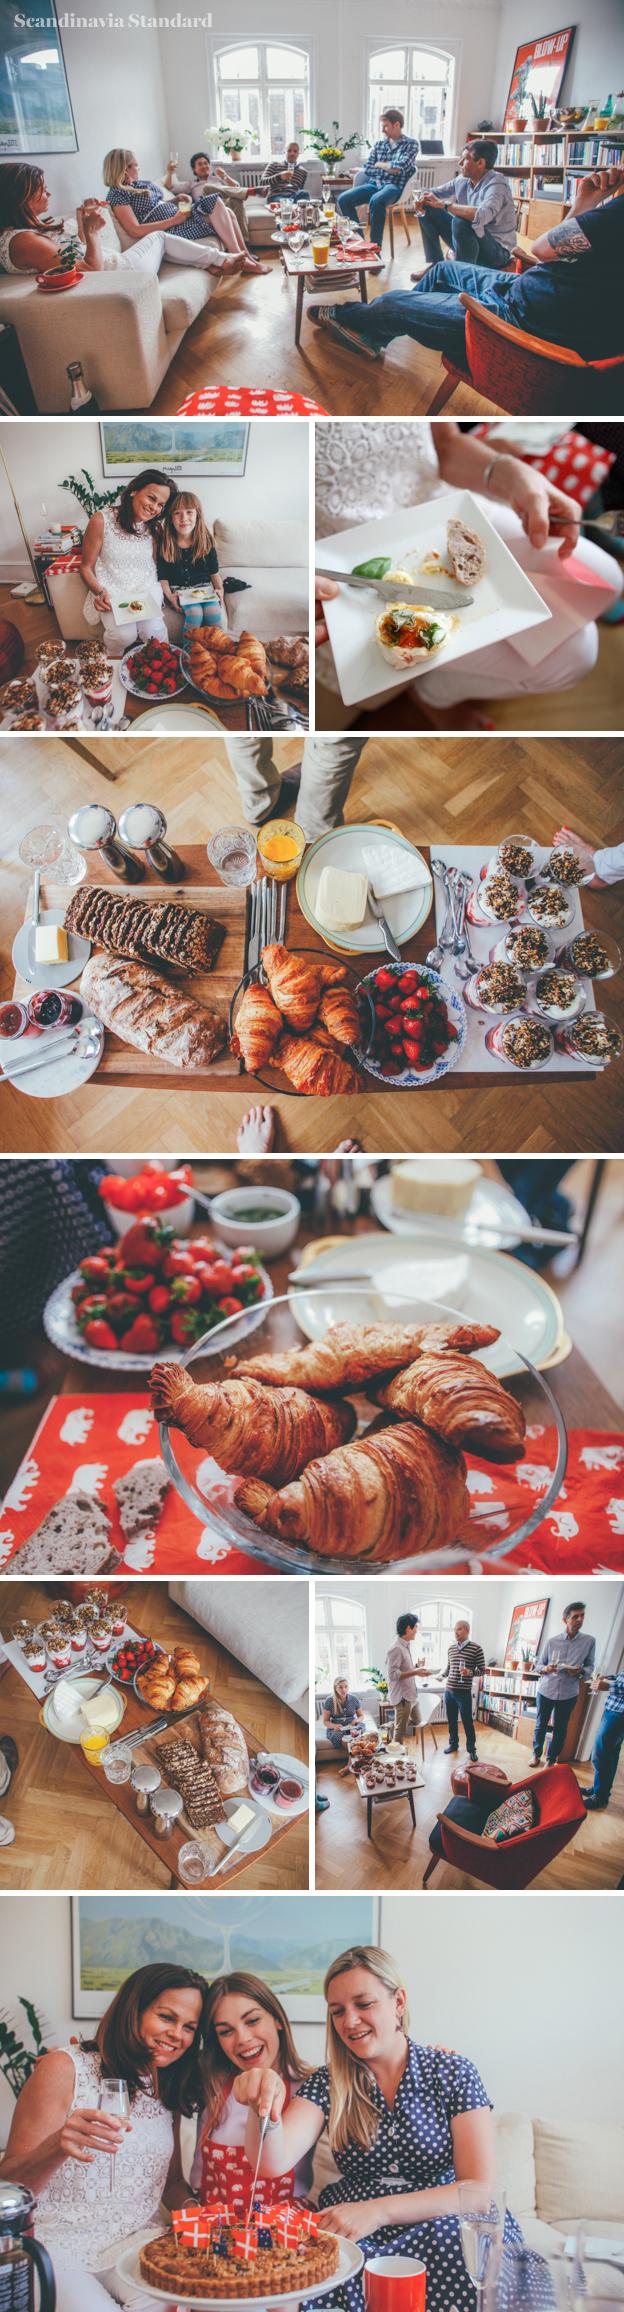 8. Danish Brunch Guests in the Living room | Scandinavia Standard